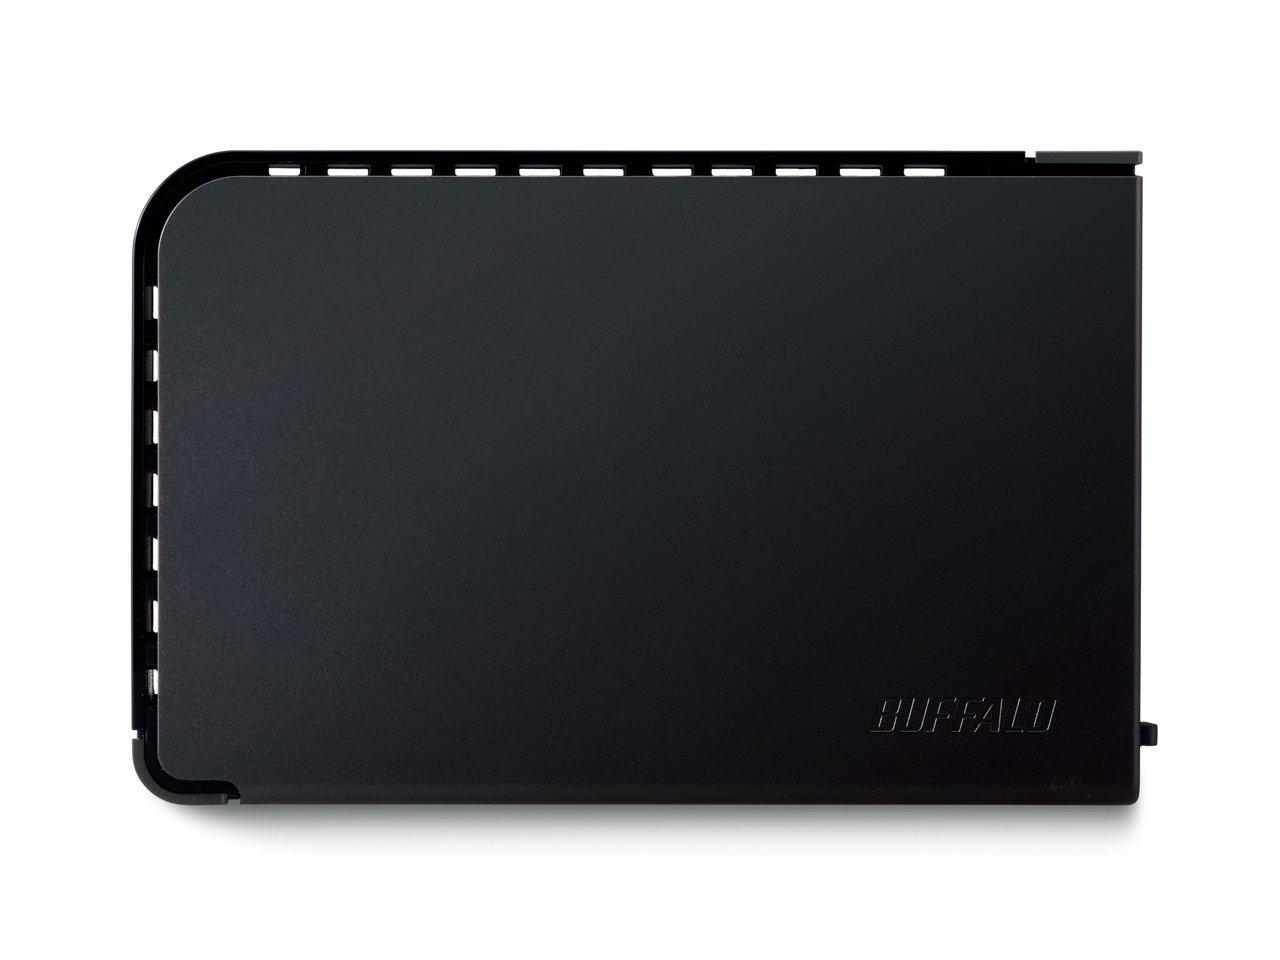 BUFFALO DriveStation Velocity 4TB